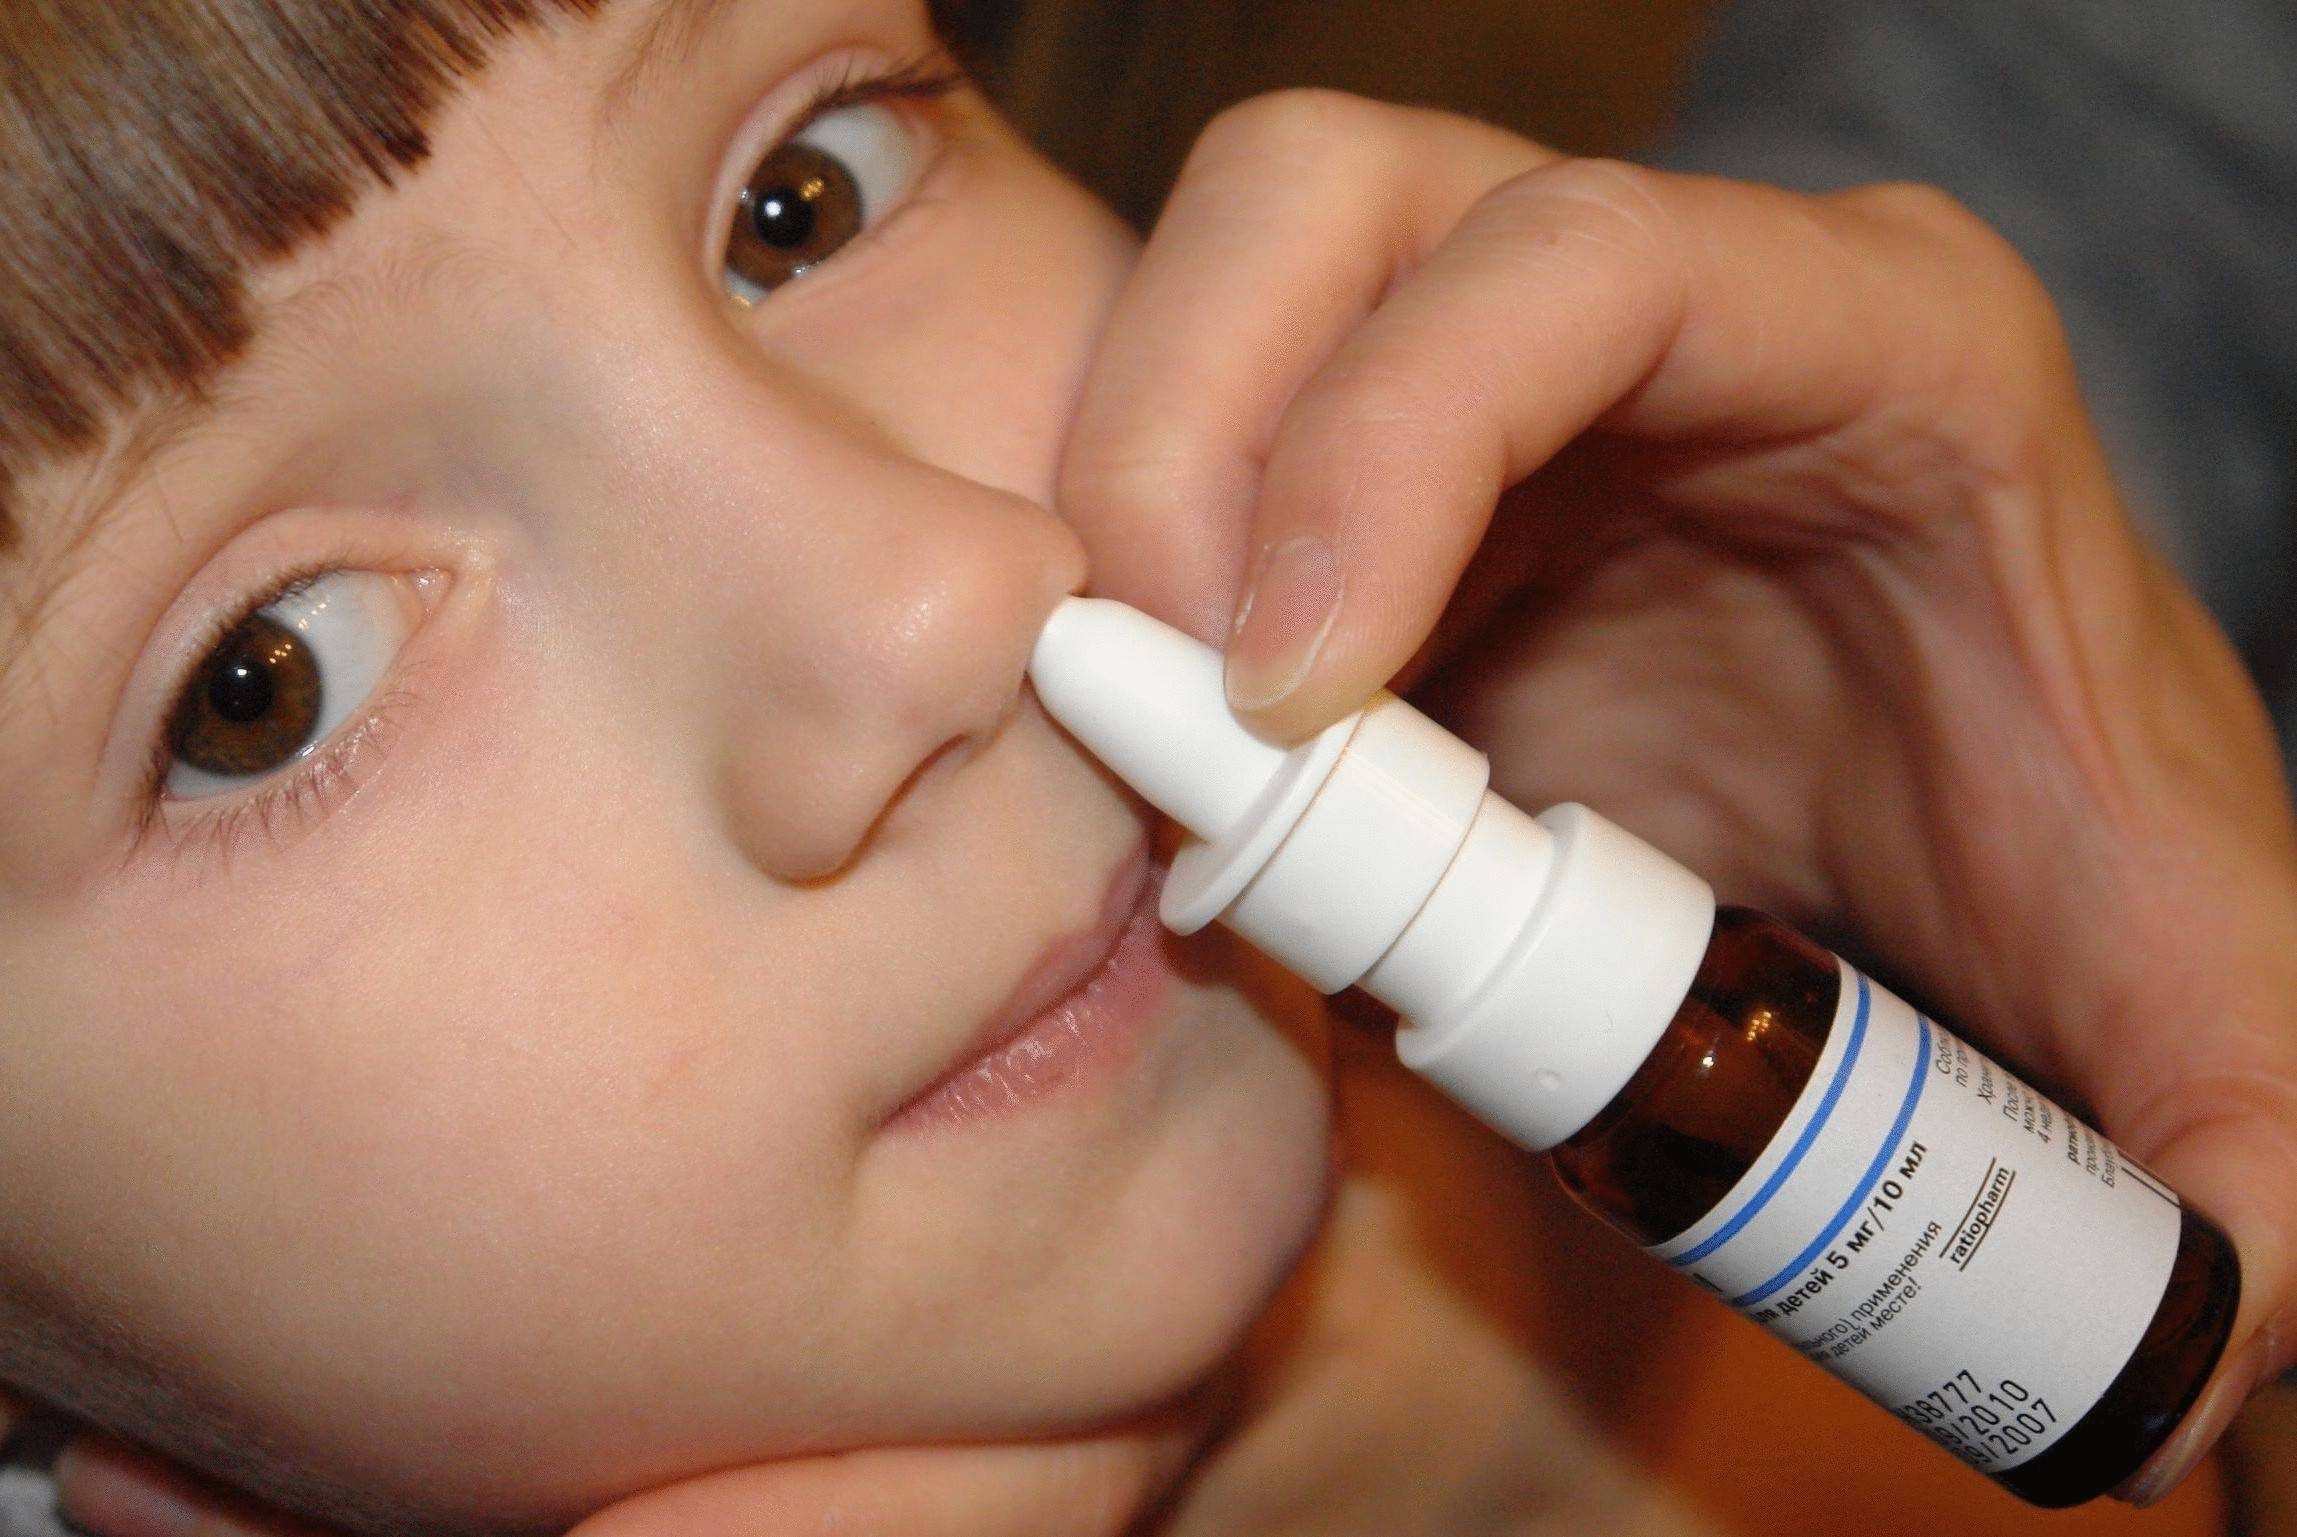 Заложило ухо, что делать: как лечить при насморке, причины у ребёнка после промывания носа